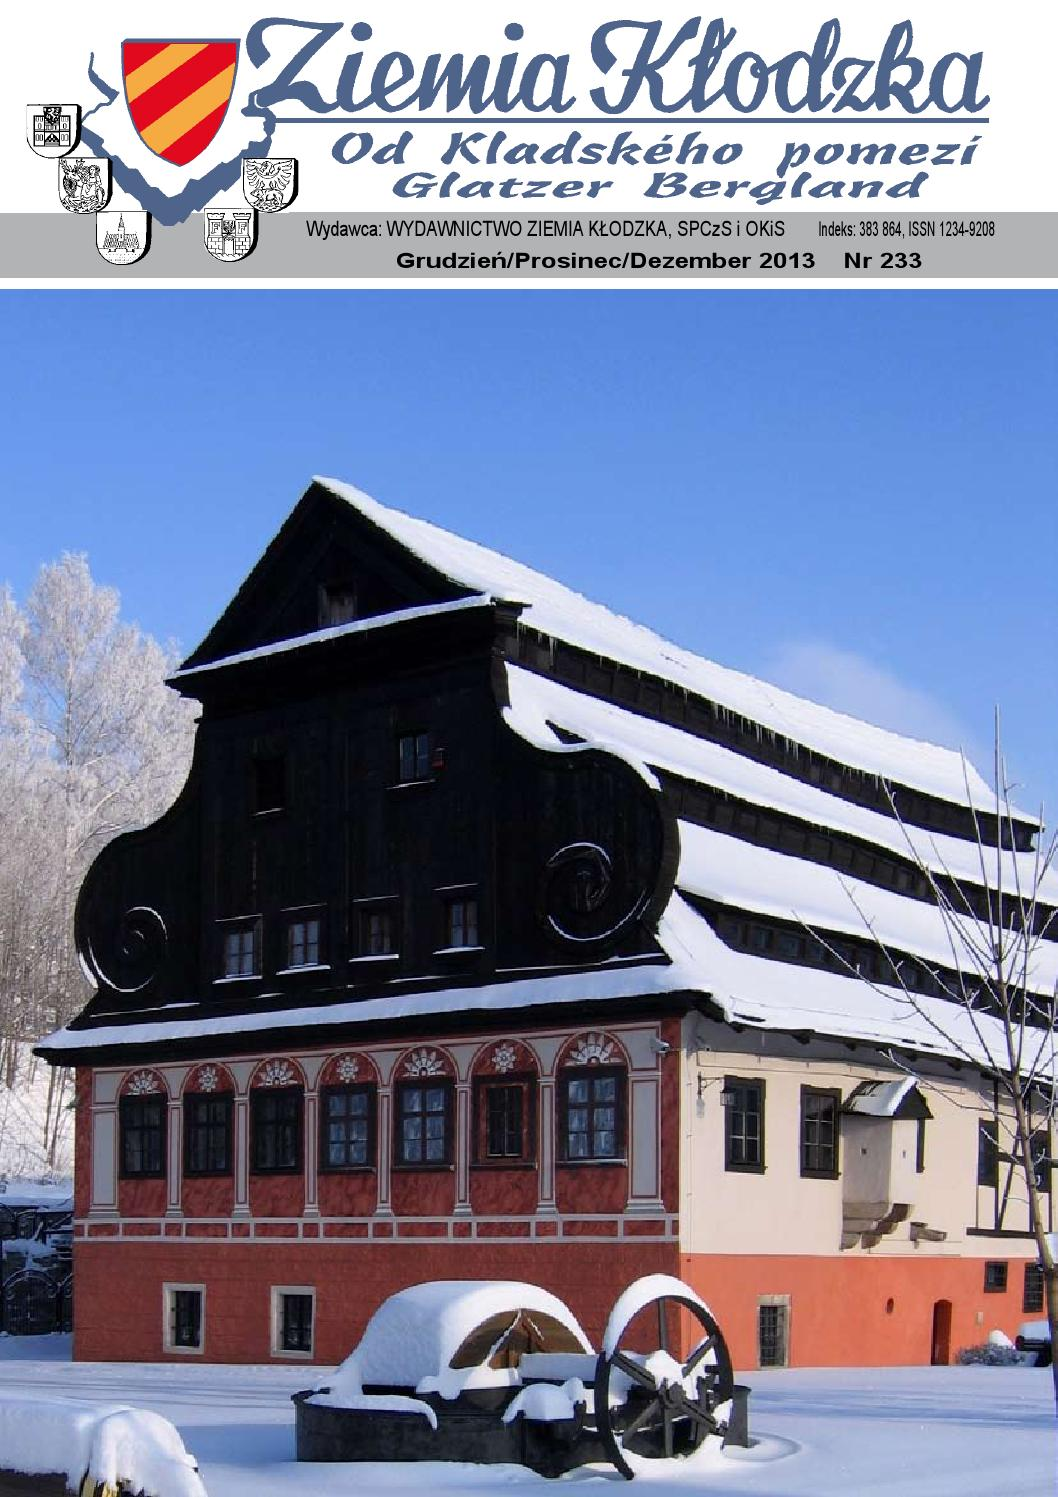 Ziemia Klodzka Nr 233 12 2013 By Ziemia Klodzka Pismo Issuu